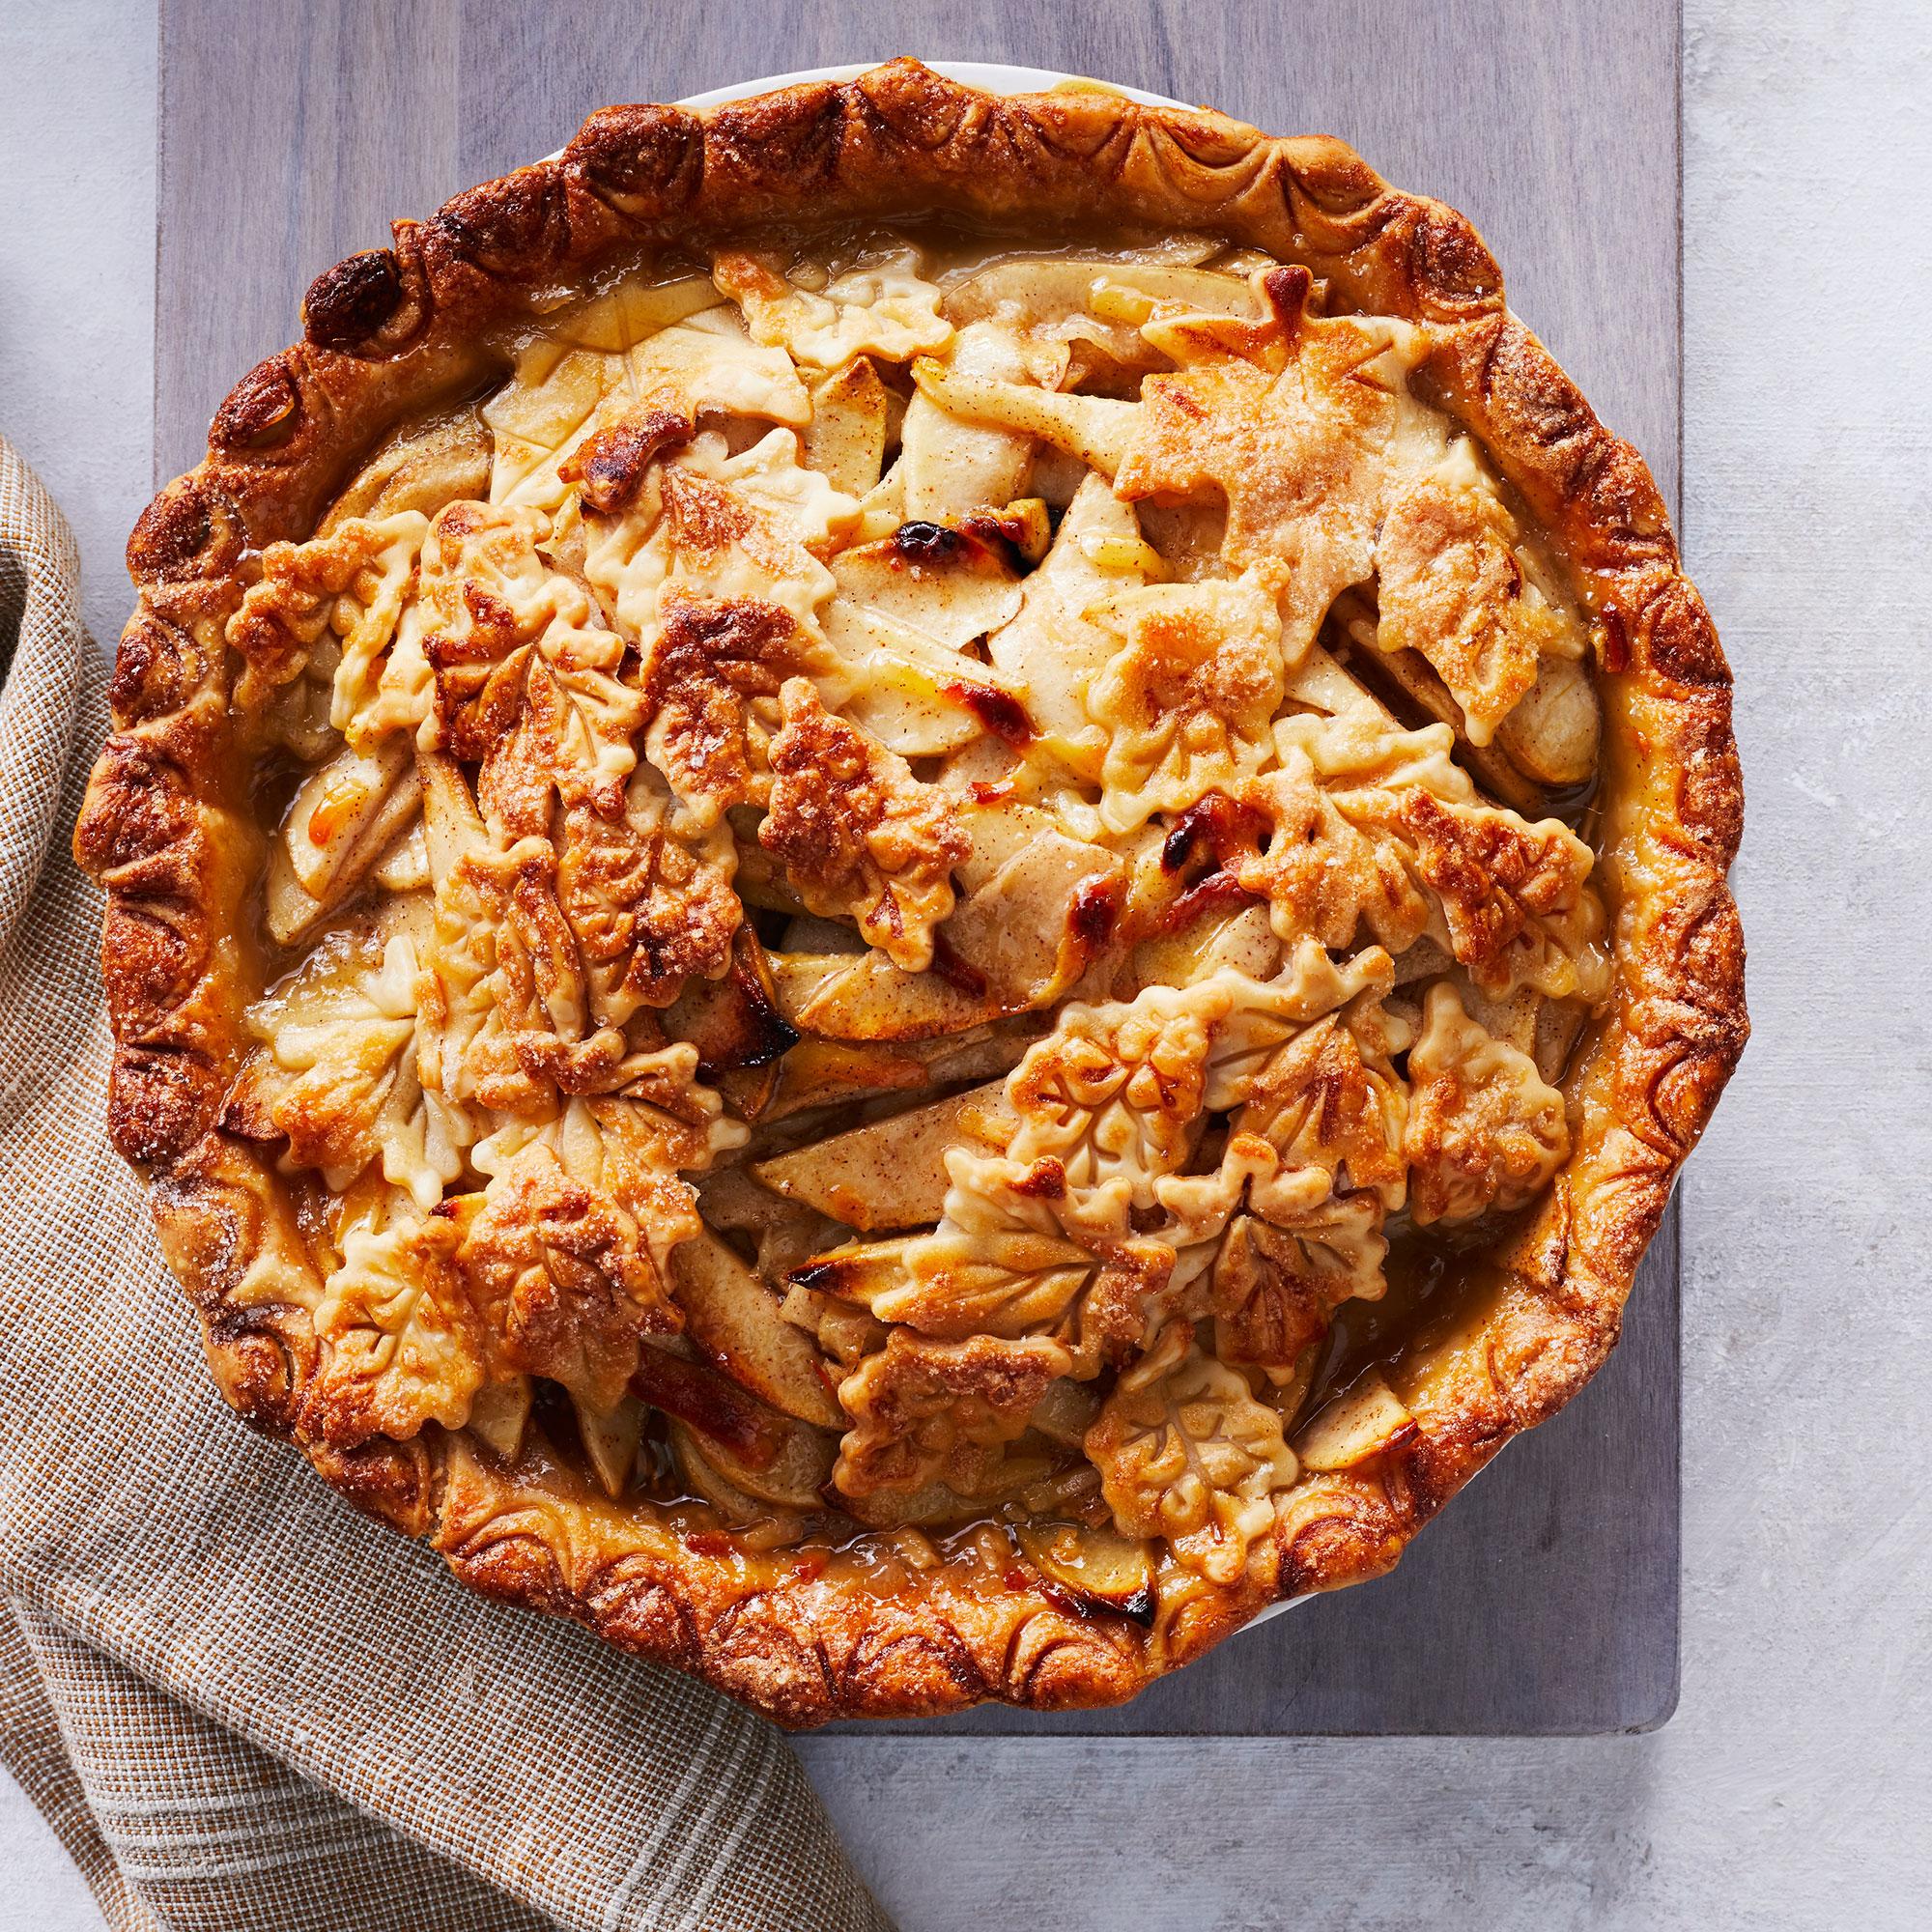 mr-Cheddar Apple-Pear Pie Image